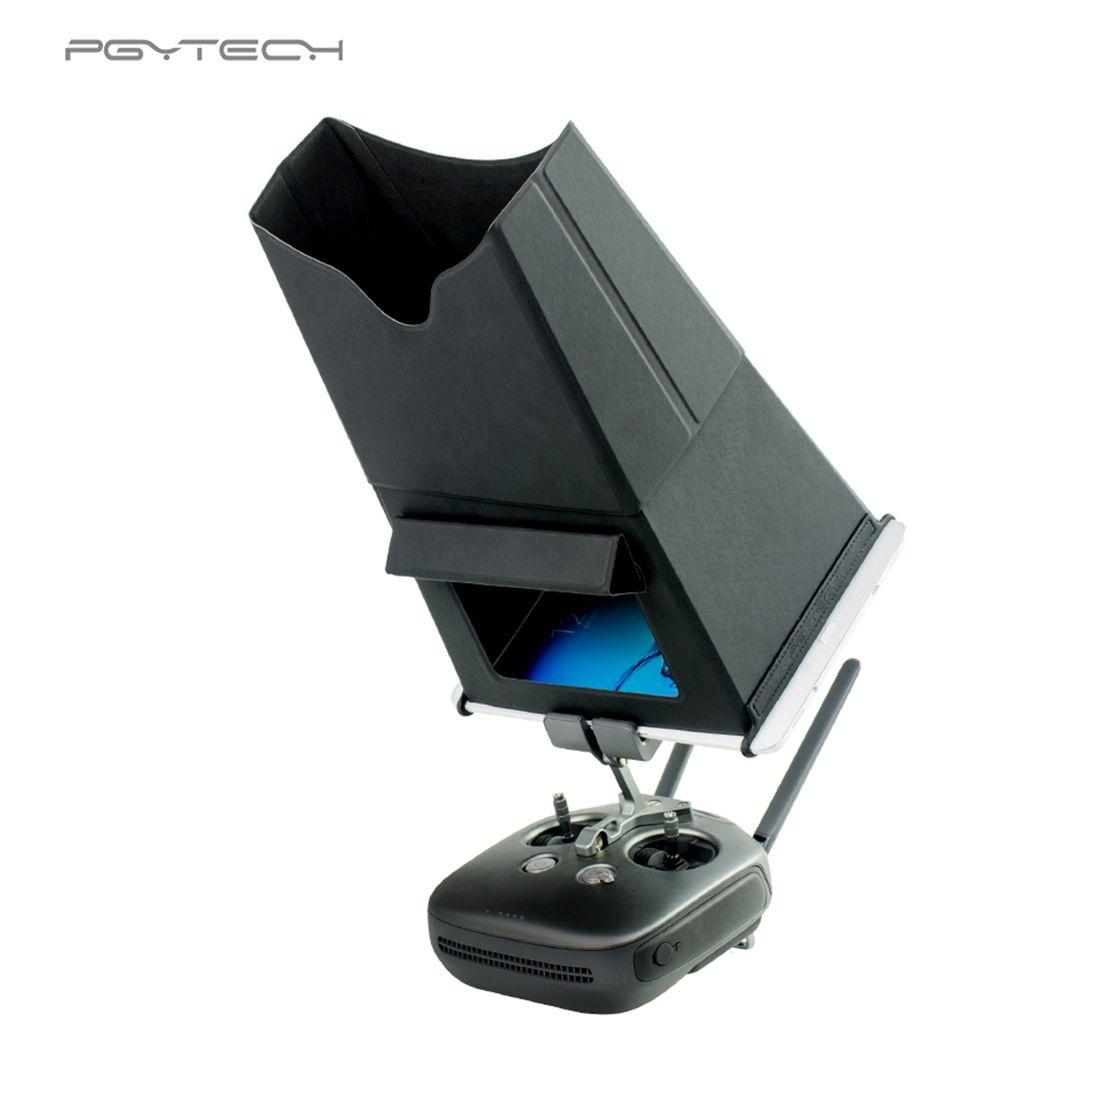 PGYTECH Alle-surround Tablet-bildschirm Sonnenschirm Sun Hood Licht Schild für DJI MAVIC PRO Funken Drone Fit für 7,9 Zoll Tablet